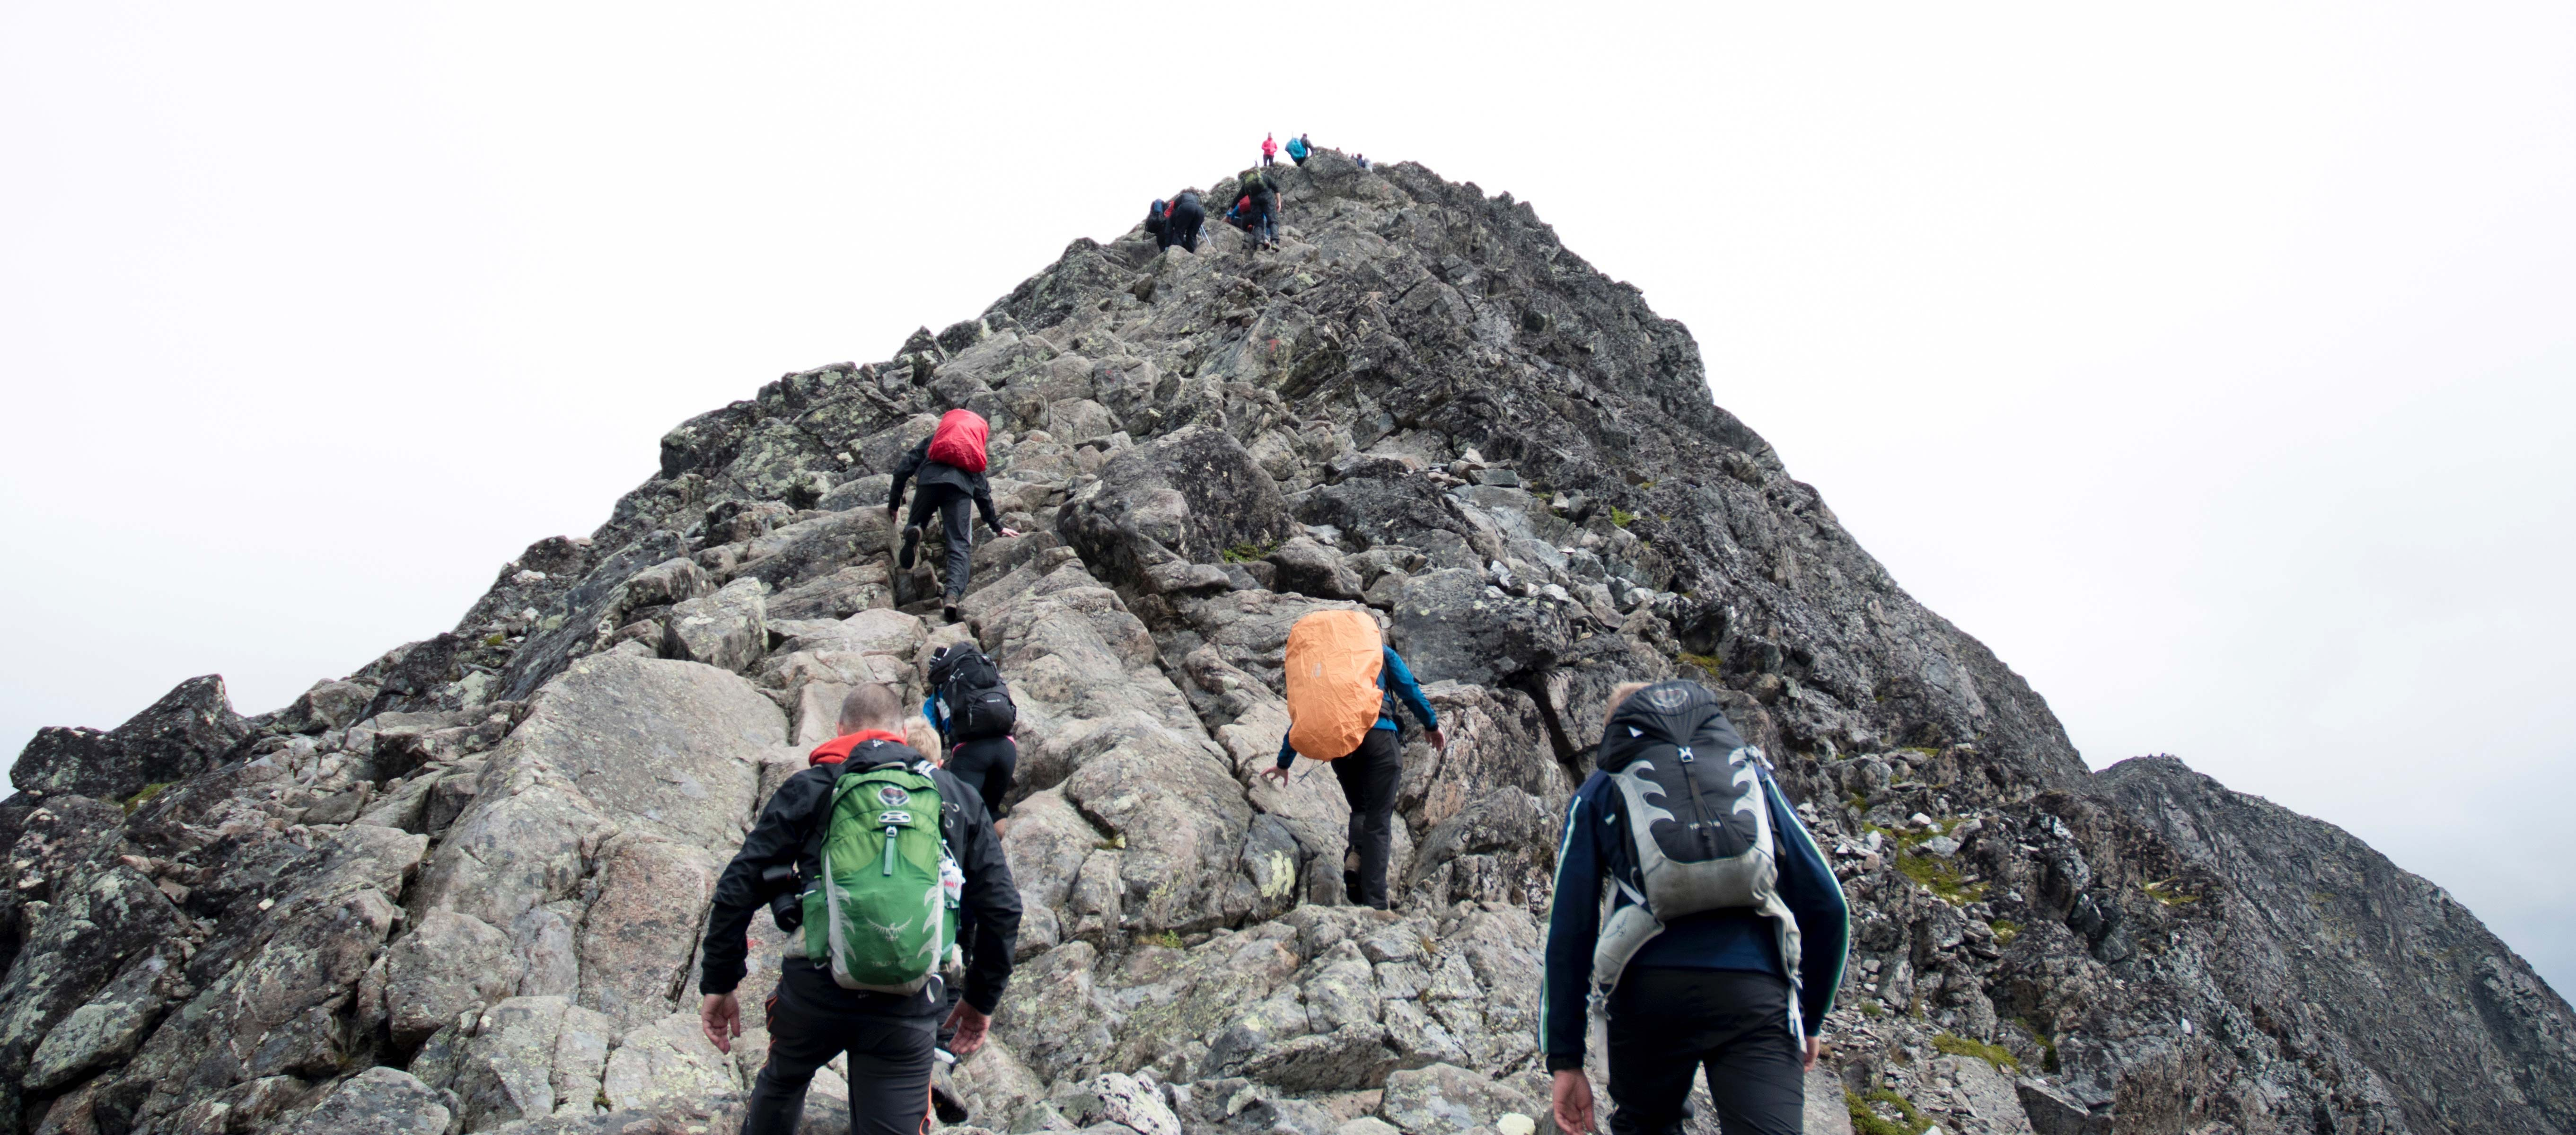 Climbing the Mountain   Effective Leadership